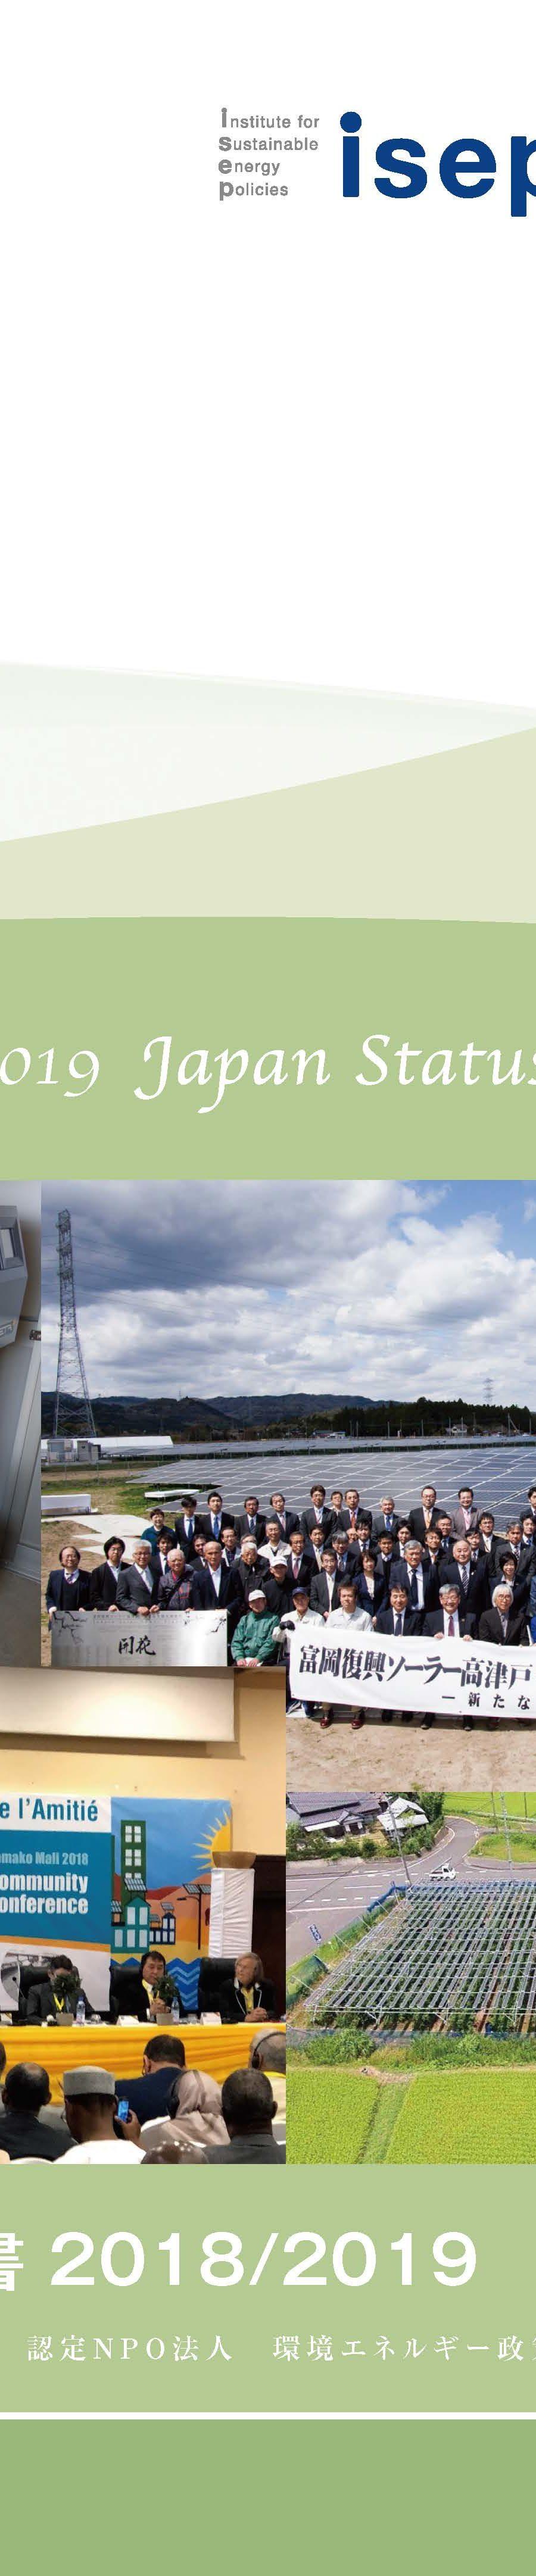 自然エネルギー白書2018/2019サマリー版